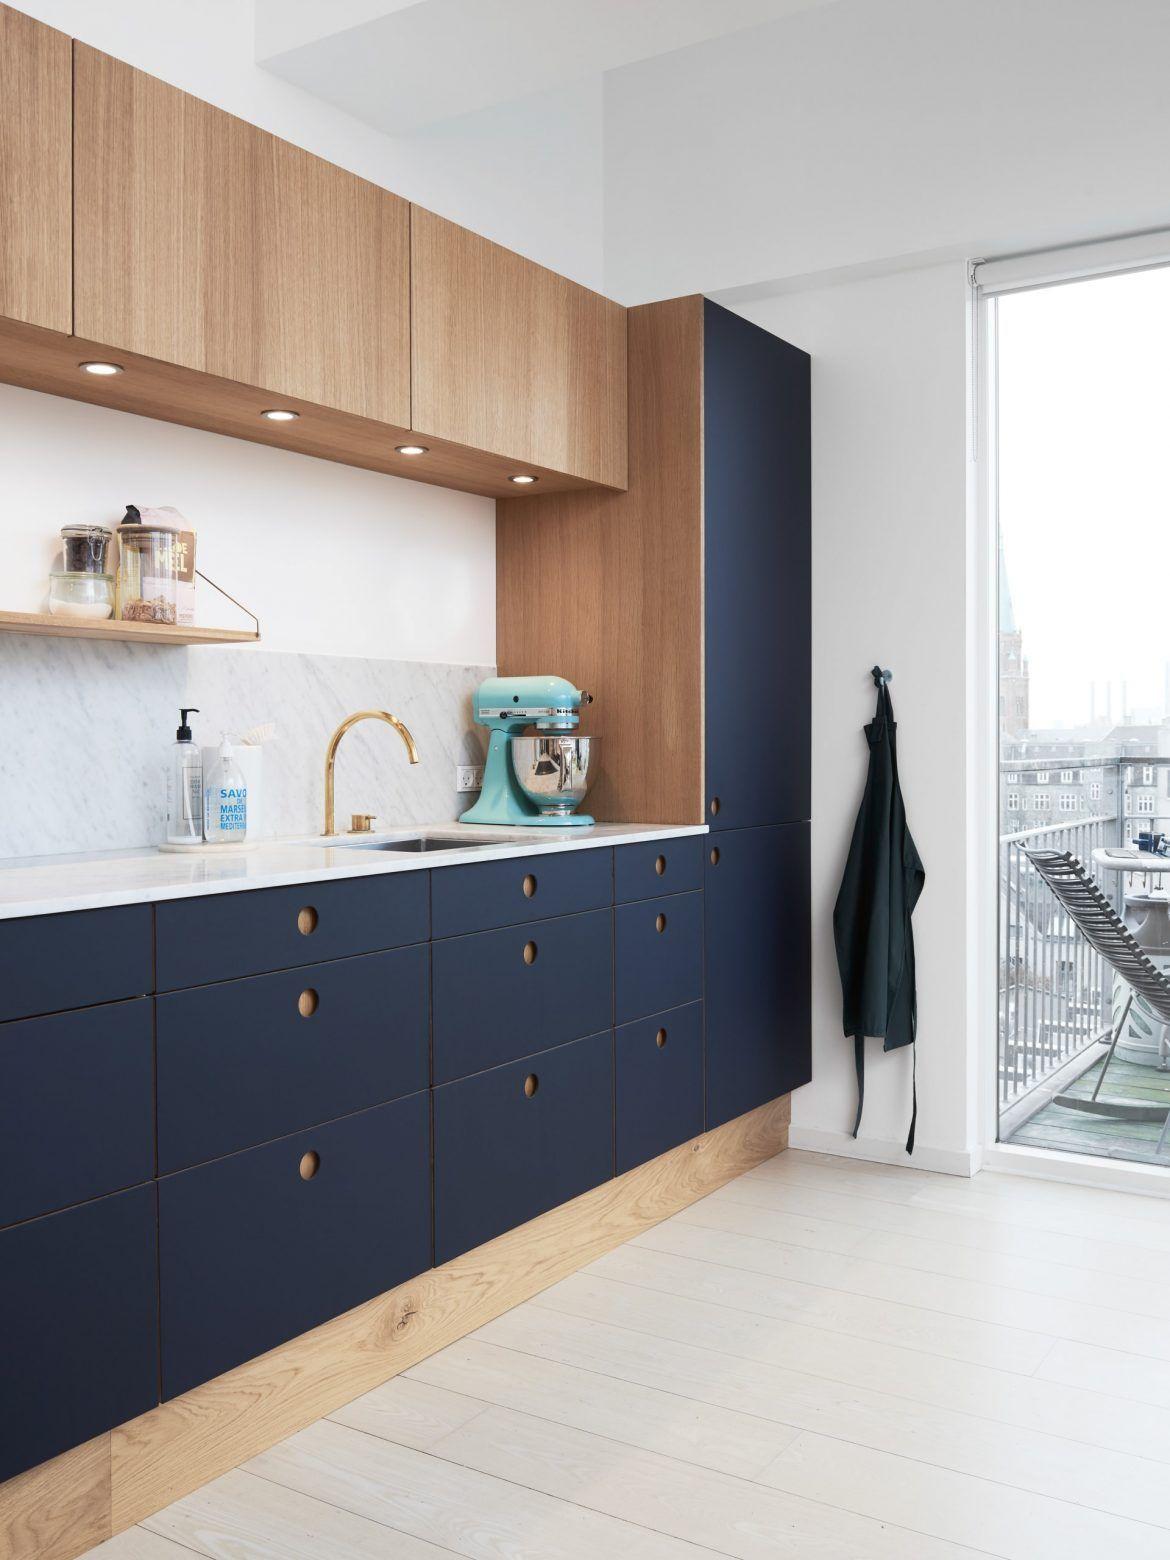 Merveilleux Reform Ou Comment Relooker Une Cuisine Ikea   Cuisine Basis Couleur Bleu  Navy #Kitchen